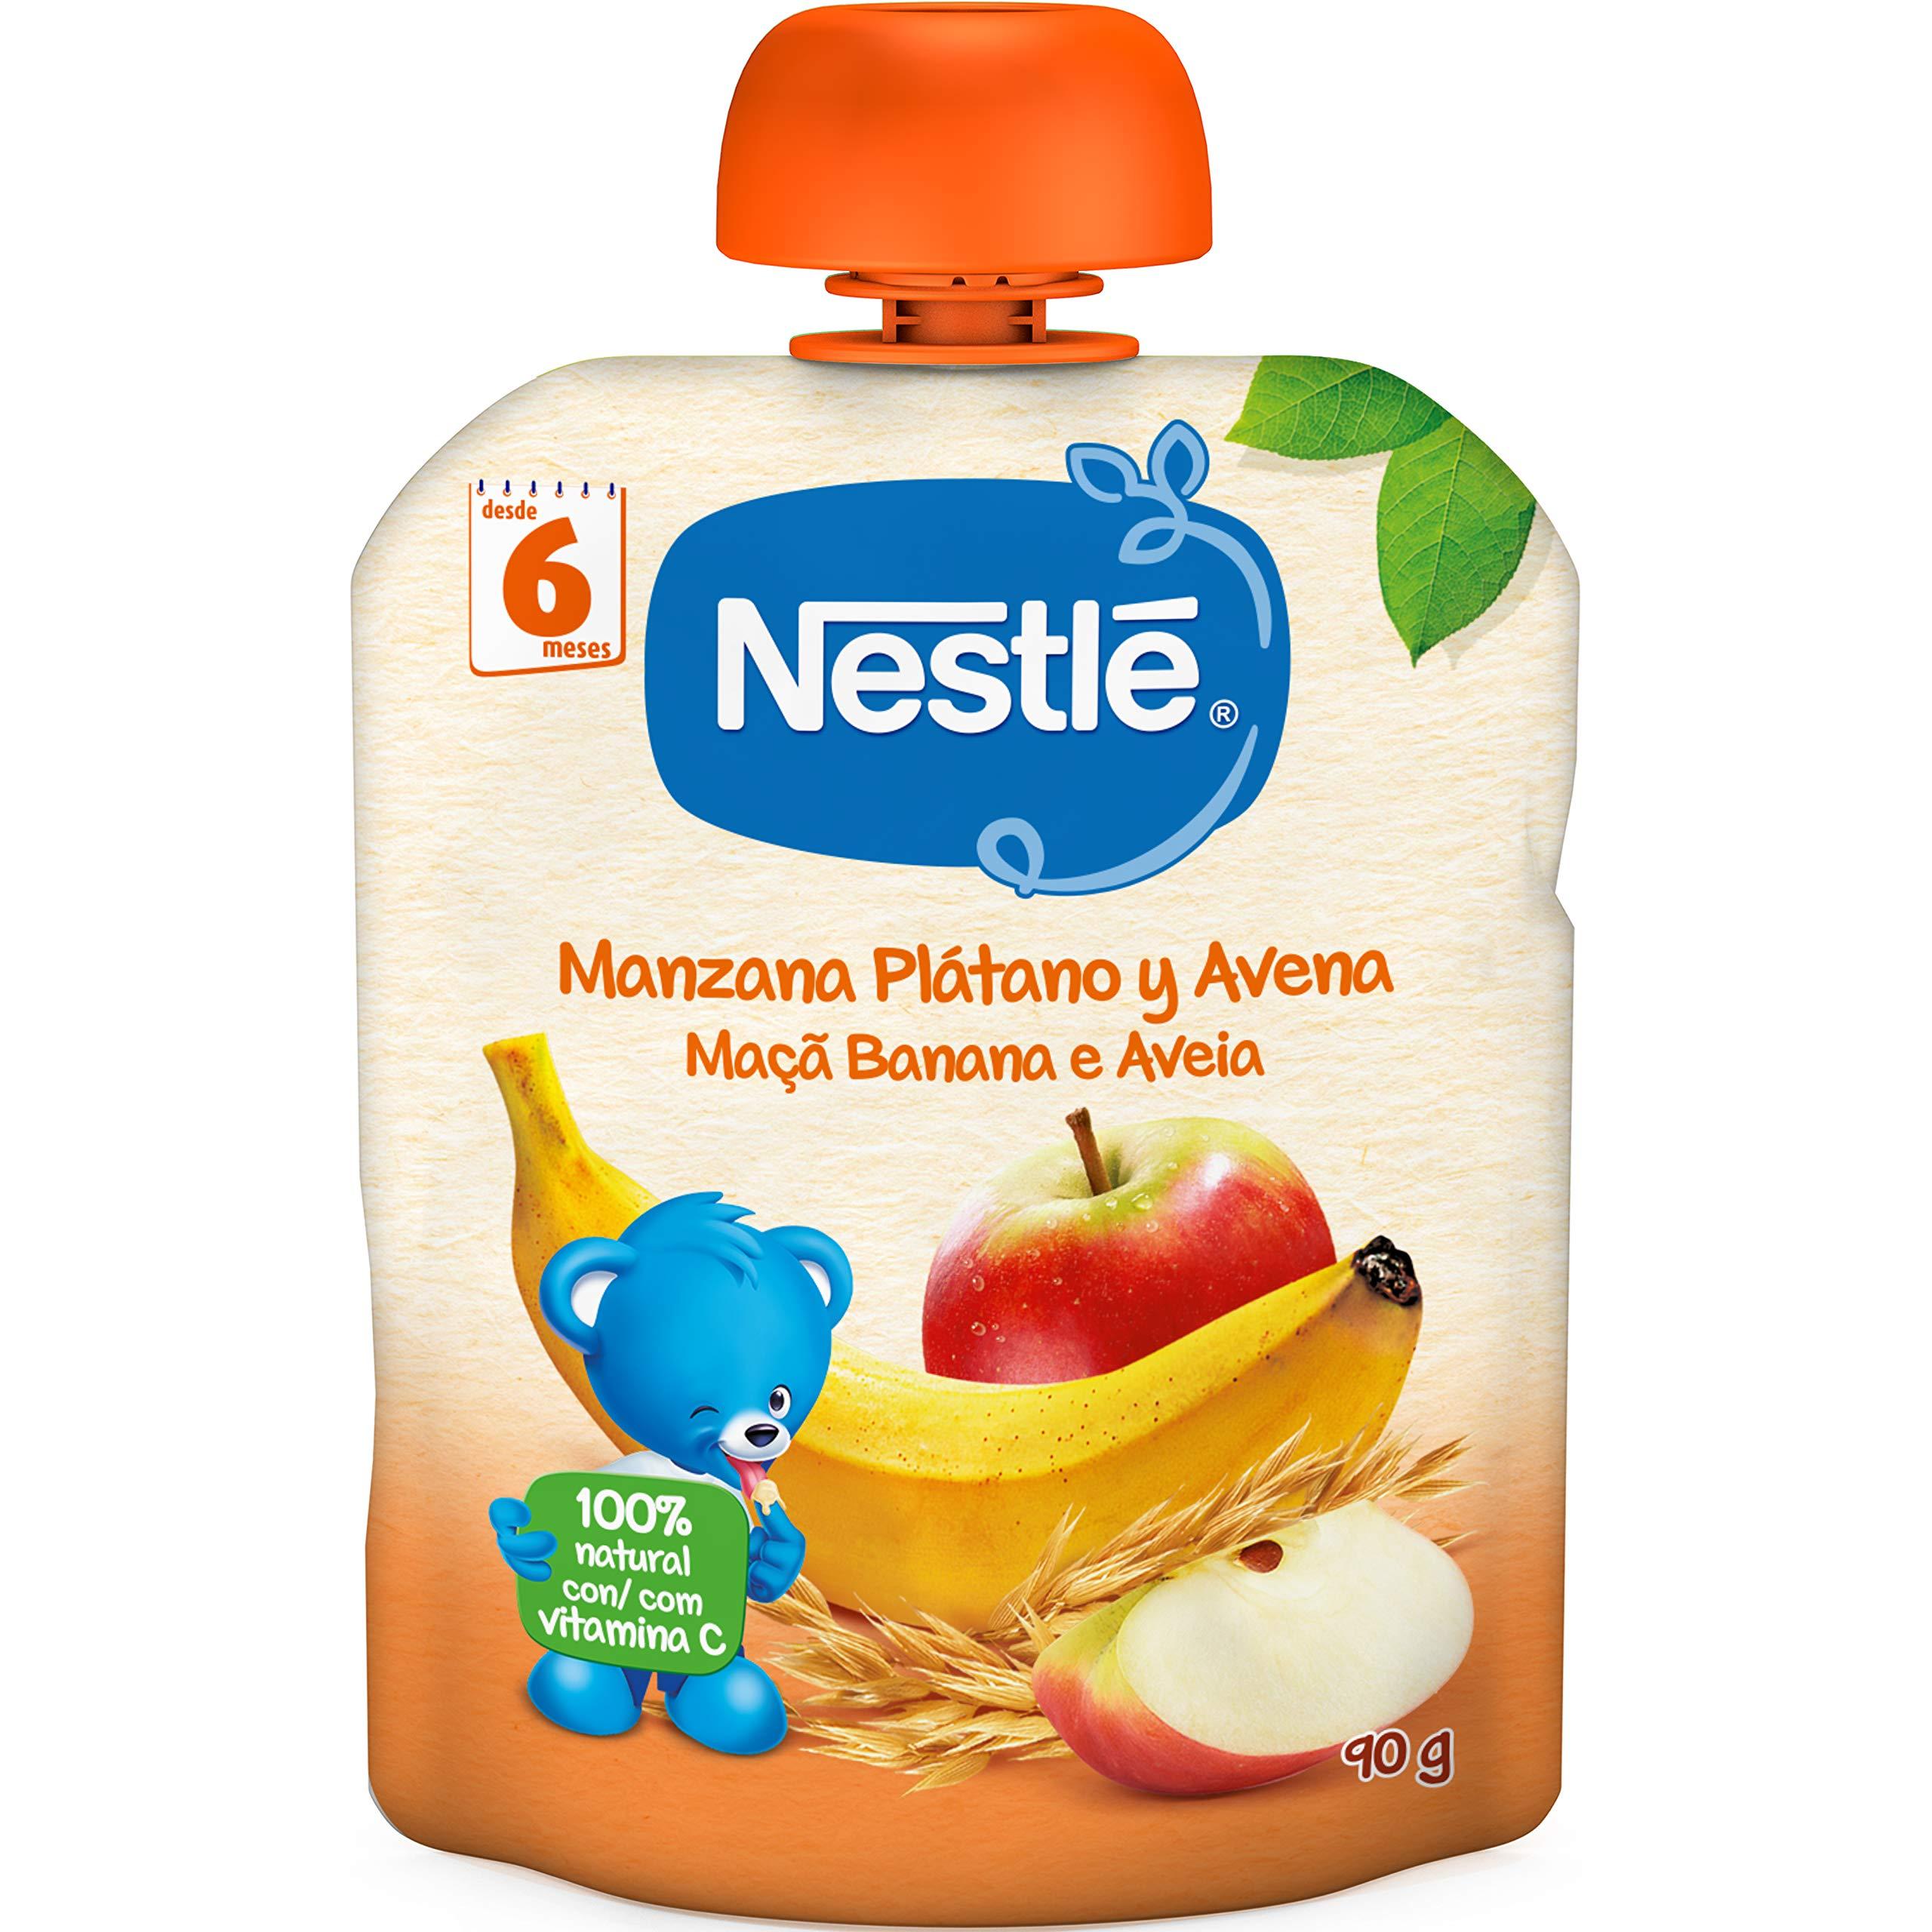 Nestlé Bolsita de puré de frutas y cereales, variedad Manzana Plátano y Avena - Para bebés a partir de 6 meses - Paquete de 16 bolsitasx90g